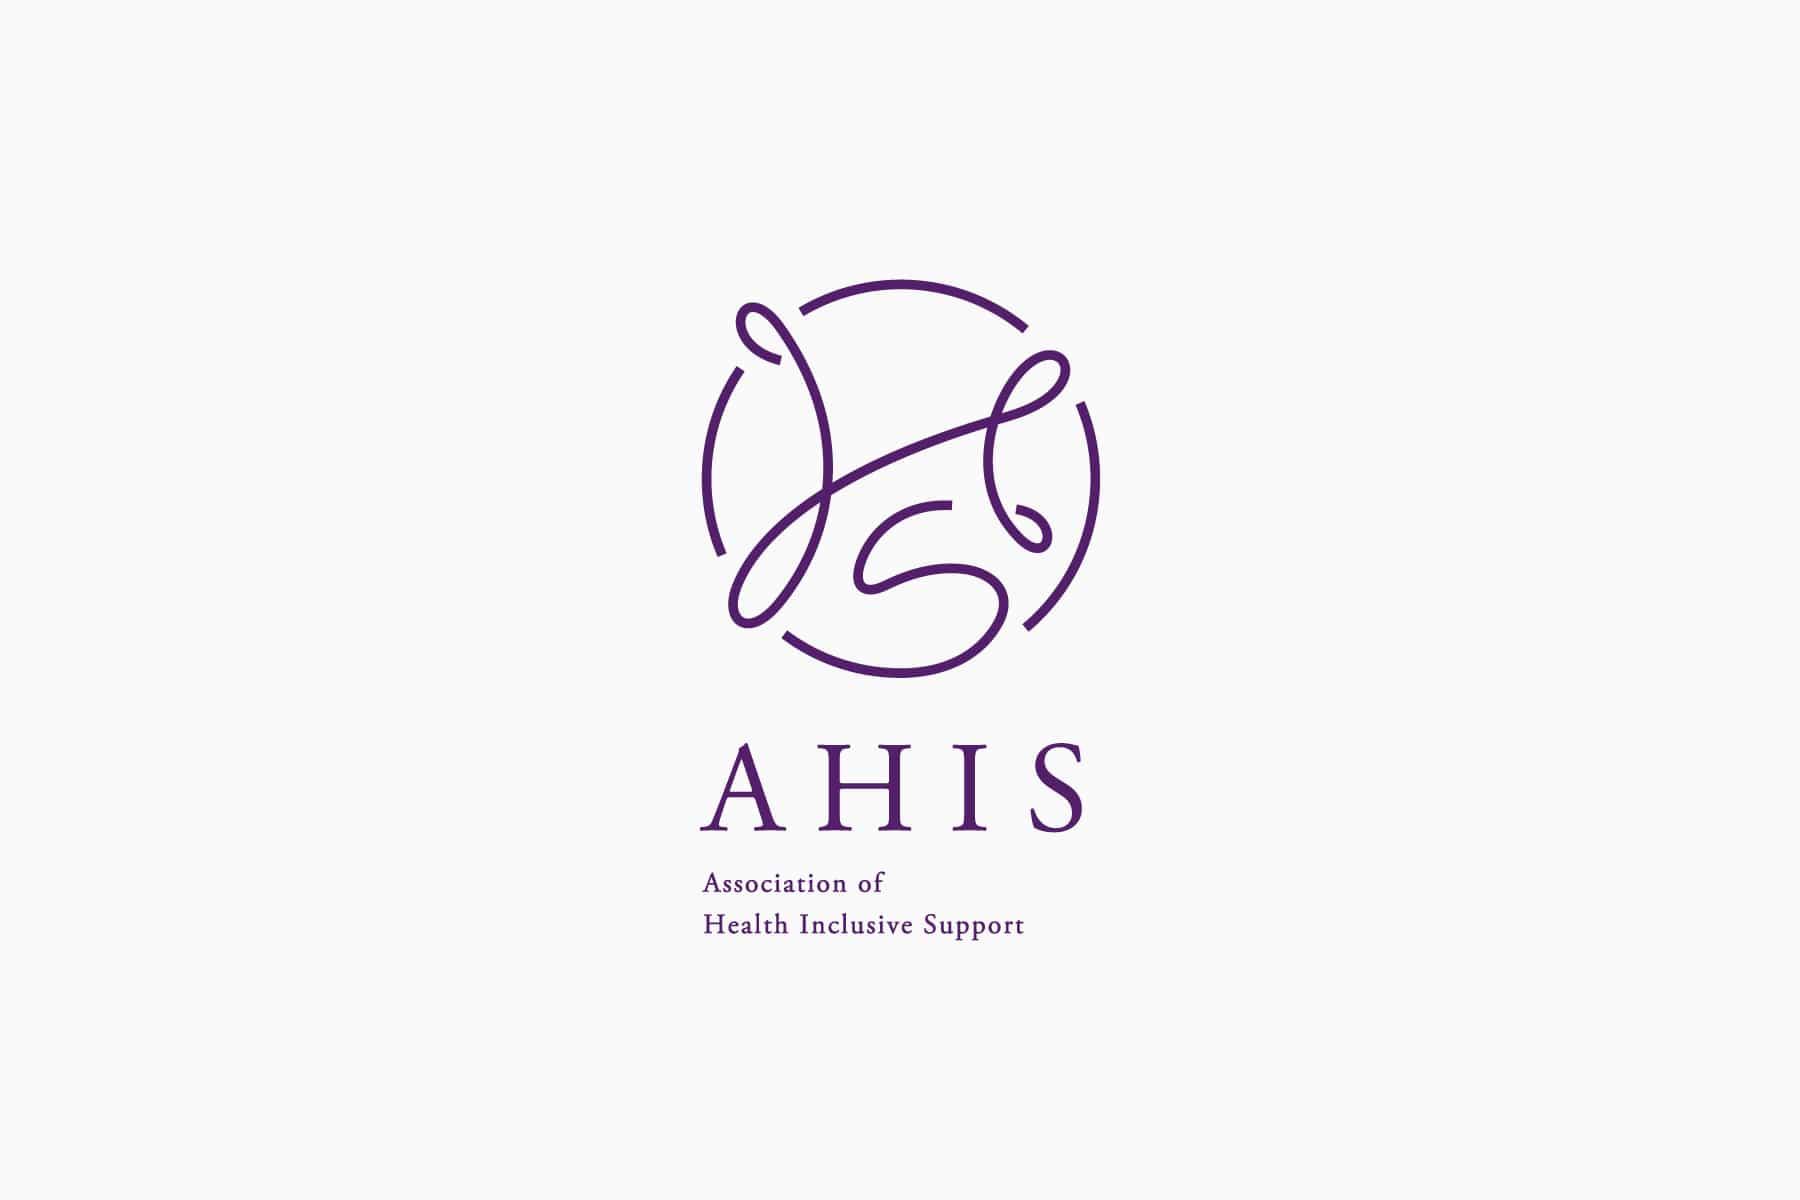 AHIS ロゴデザイン